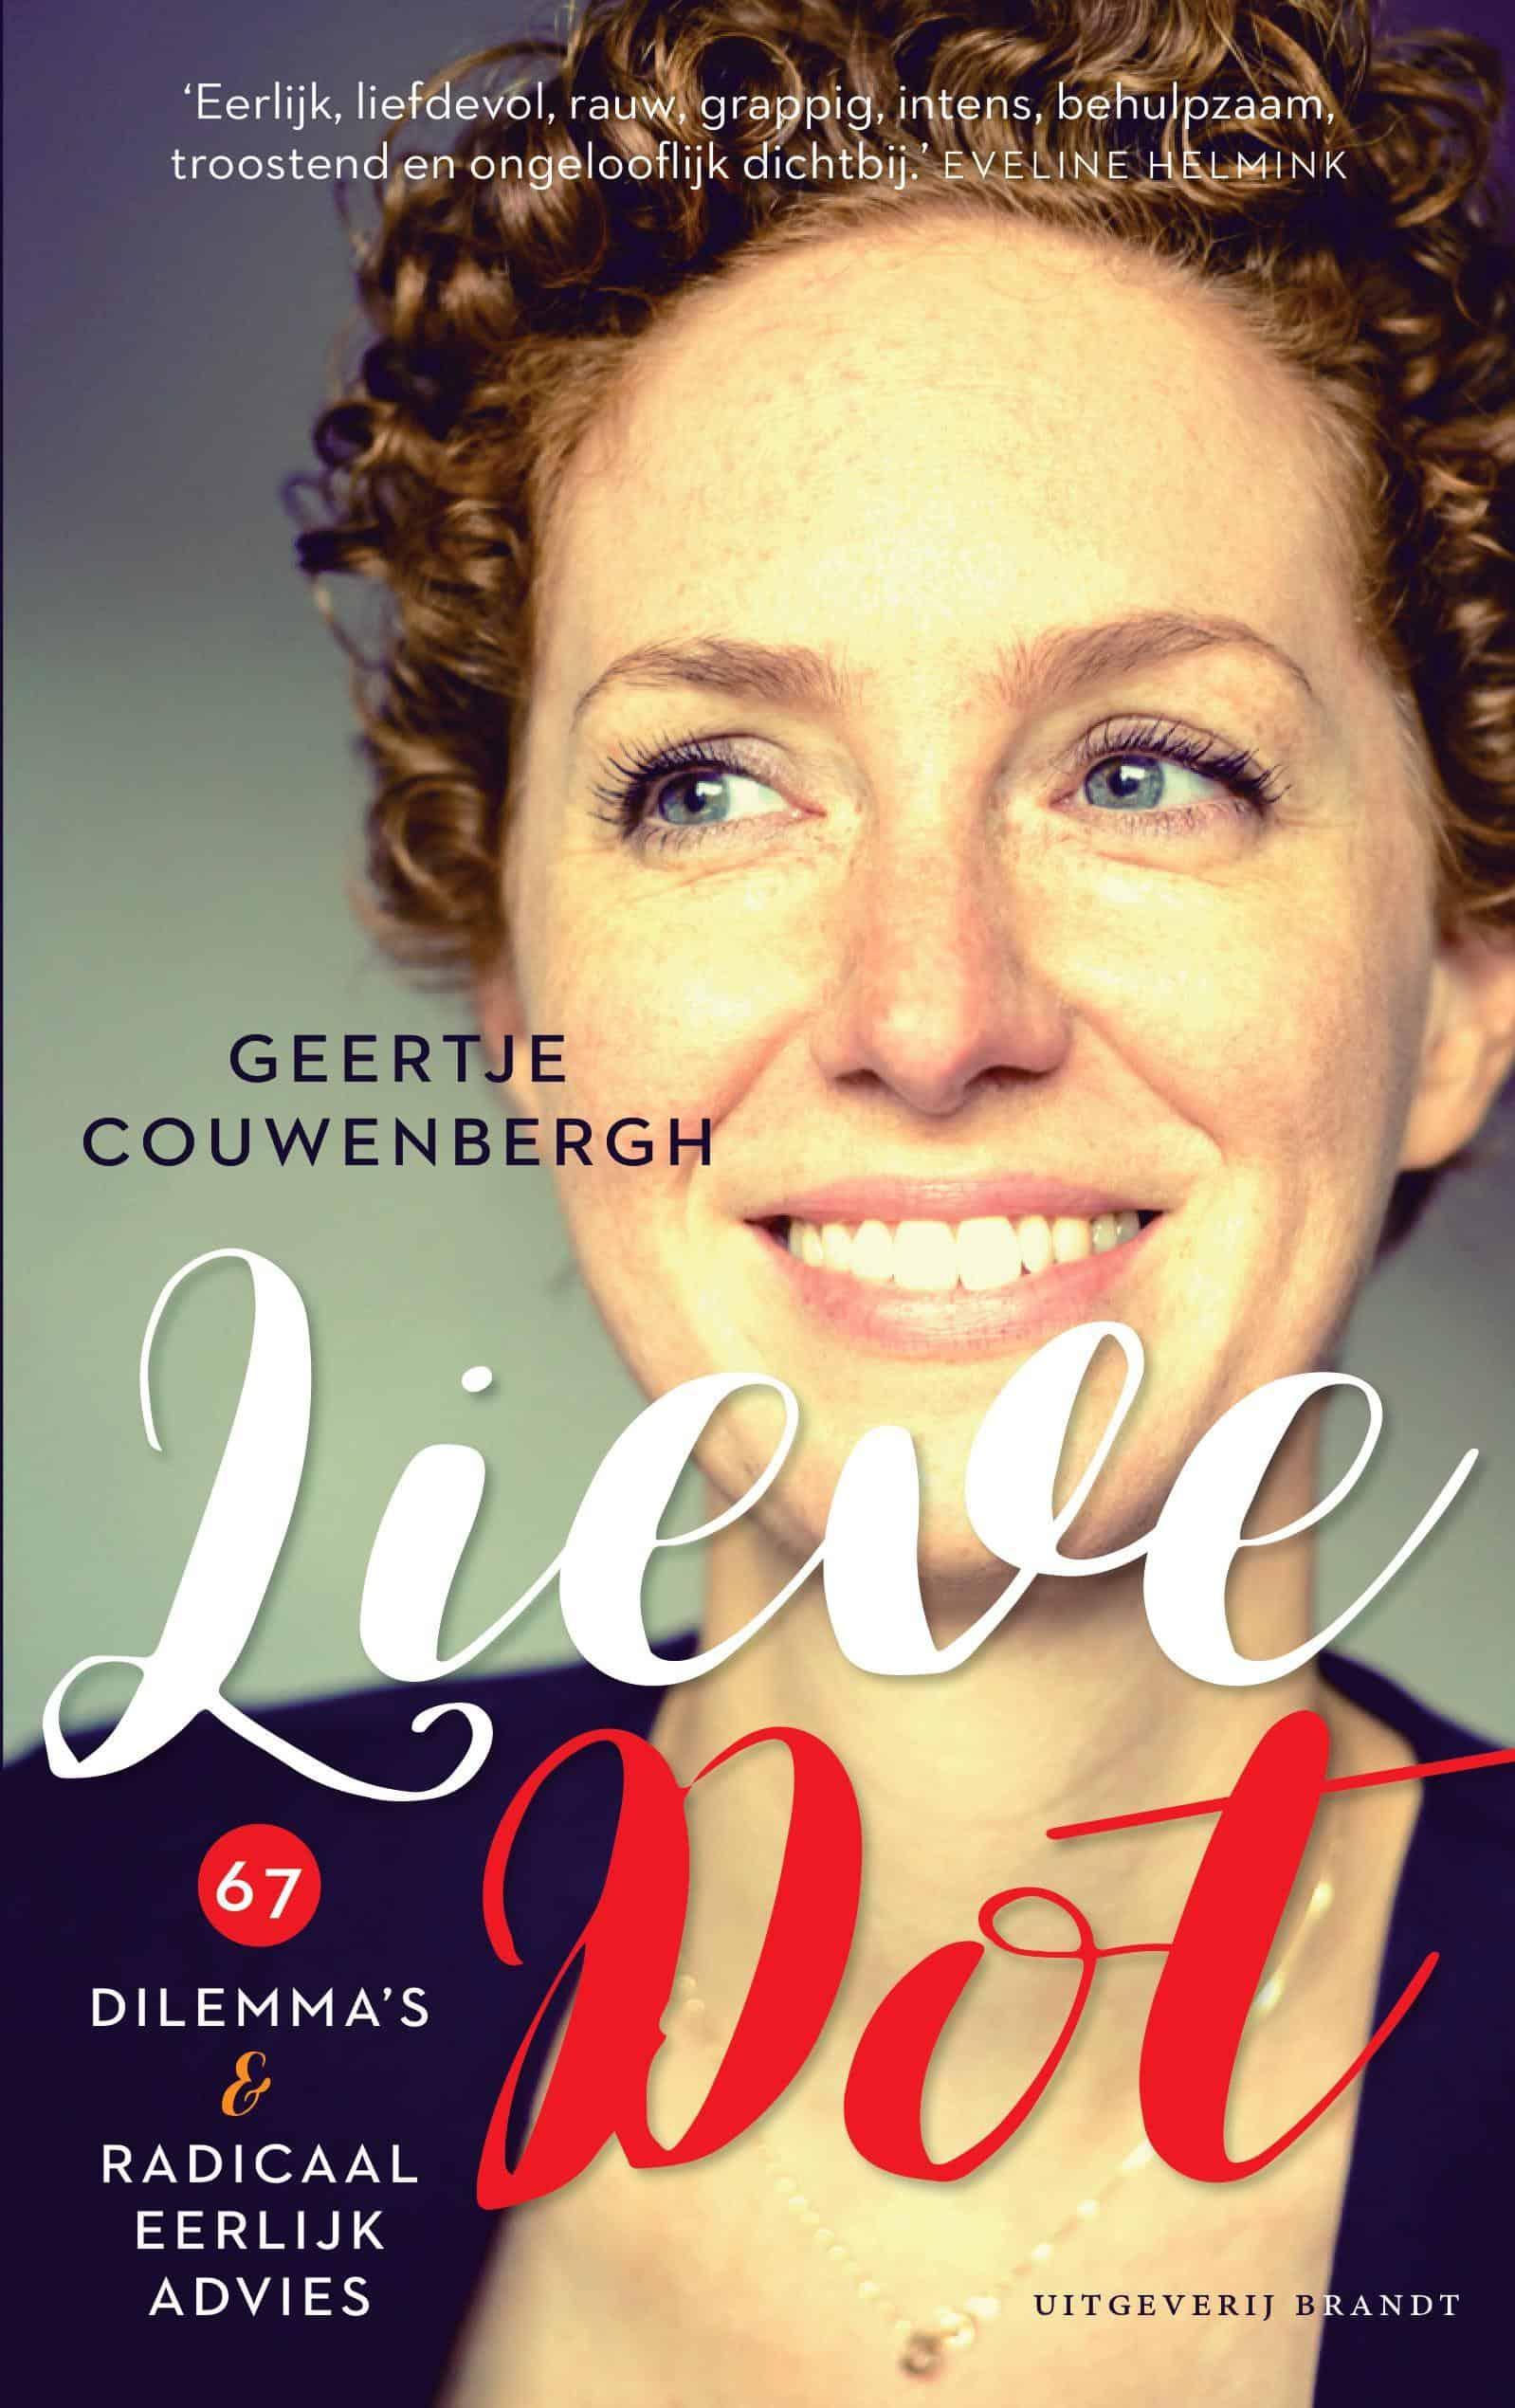 Boeken geertje couwenbergh - Eigentijds leven ...